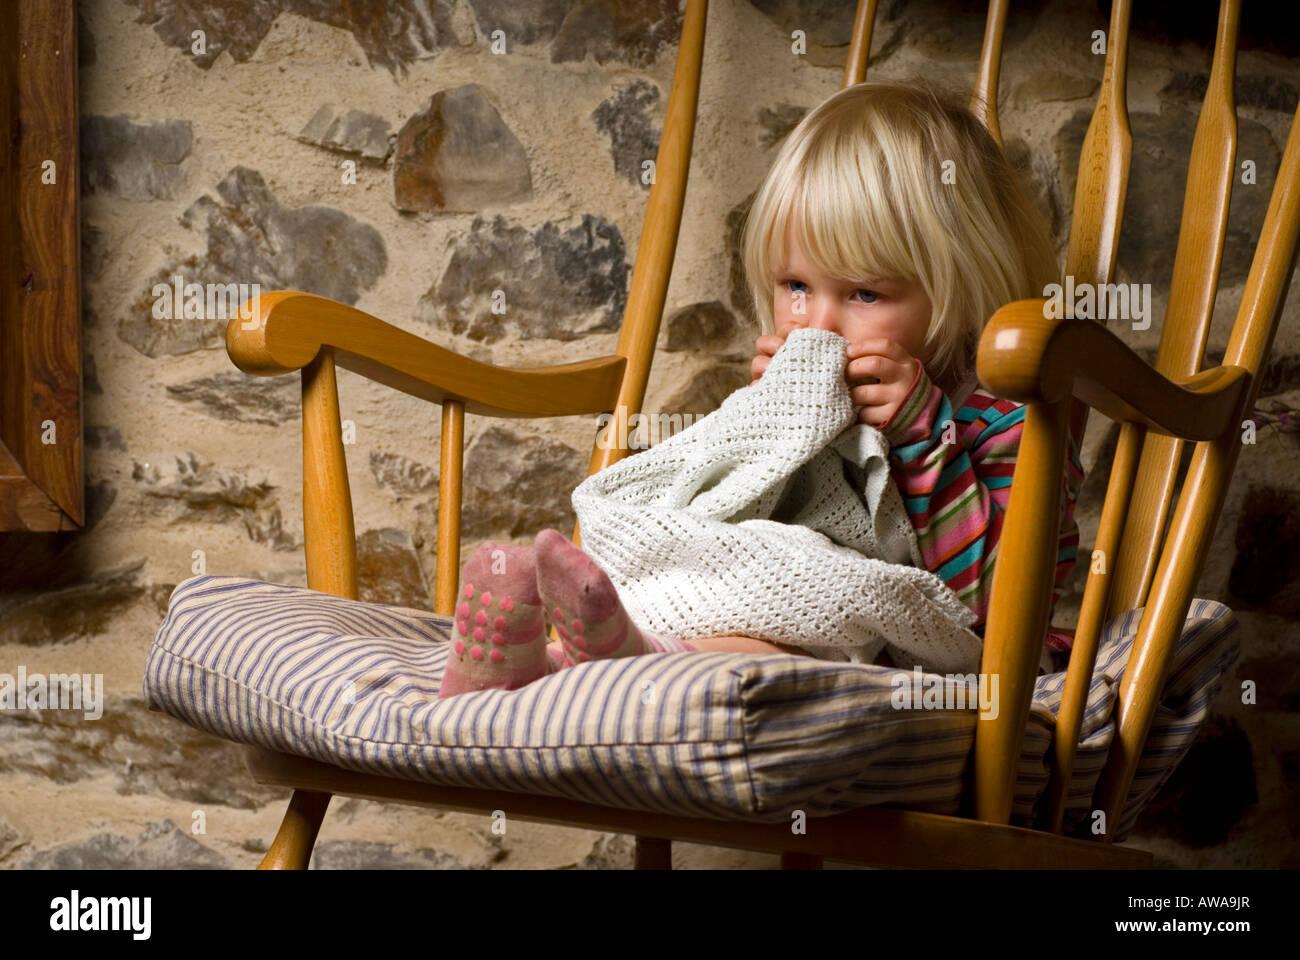 Bild von ein zwei Jahre altes Mädchen saß in einem Schaukelstuhl mit ...